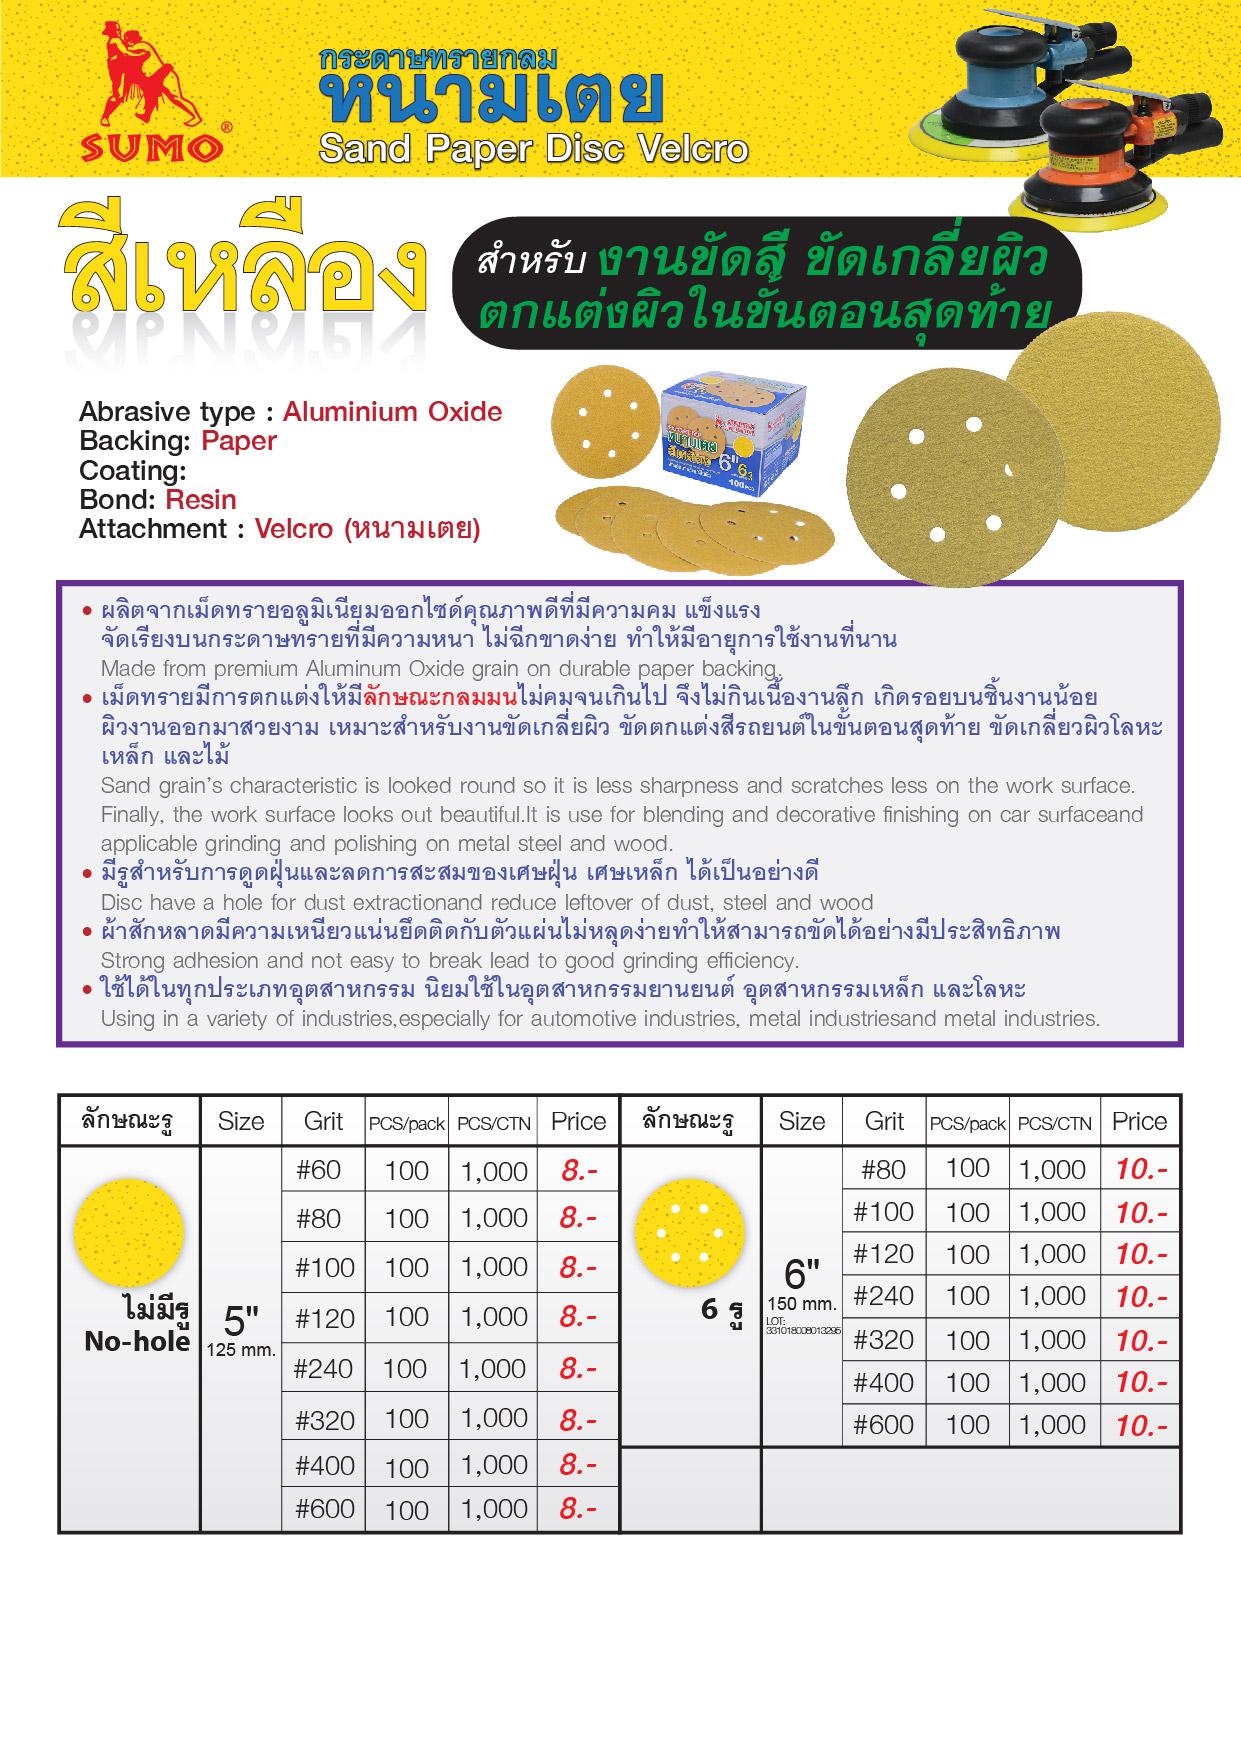 (2/4) กระดาษทรายกลมหนามเตย สีเหลือง